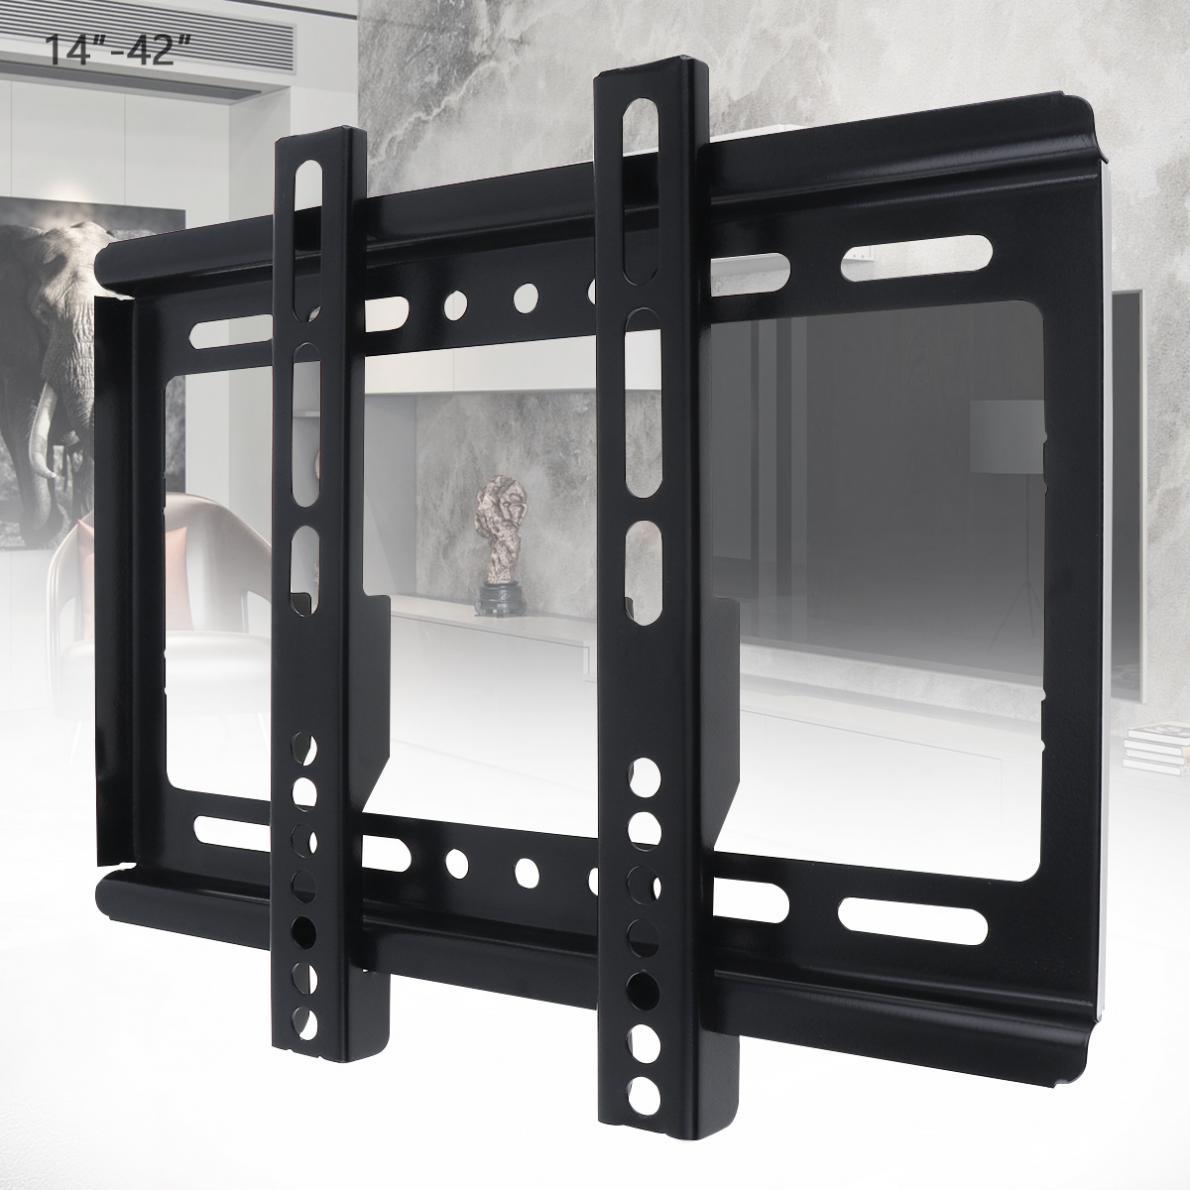 Soporte de montaje en pared TV Universal de 25KG Marco de TV de Panel plano montajes con gradiente para pantalla plana LCD LED de 14-42 pulgadas 100 Uds soporte de montaje 10mm Clip de fijación para 5050 5630 LED tira de luz con tornillos Dropshipping